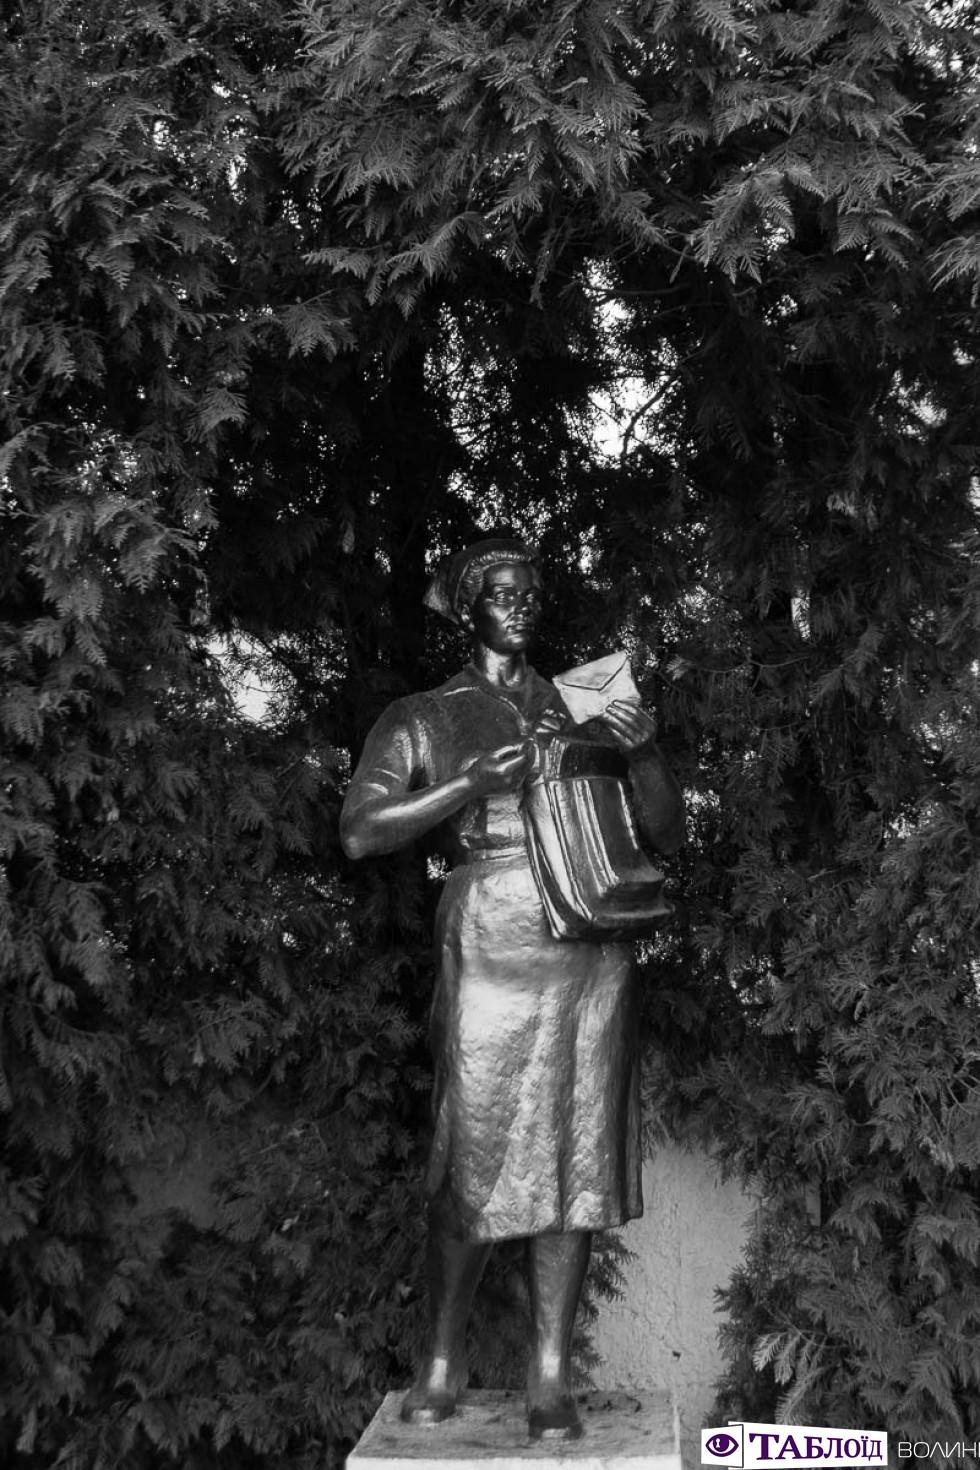 Єдиний в Україні пам'ятник листоноші-жінці